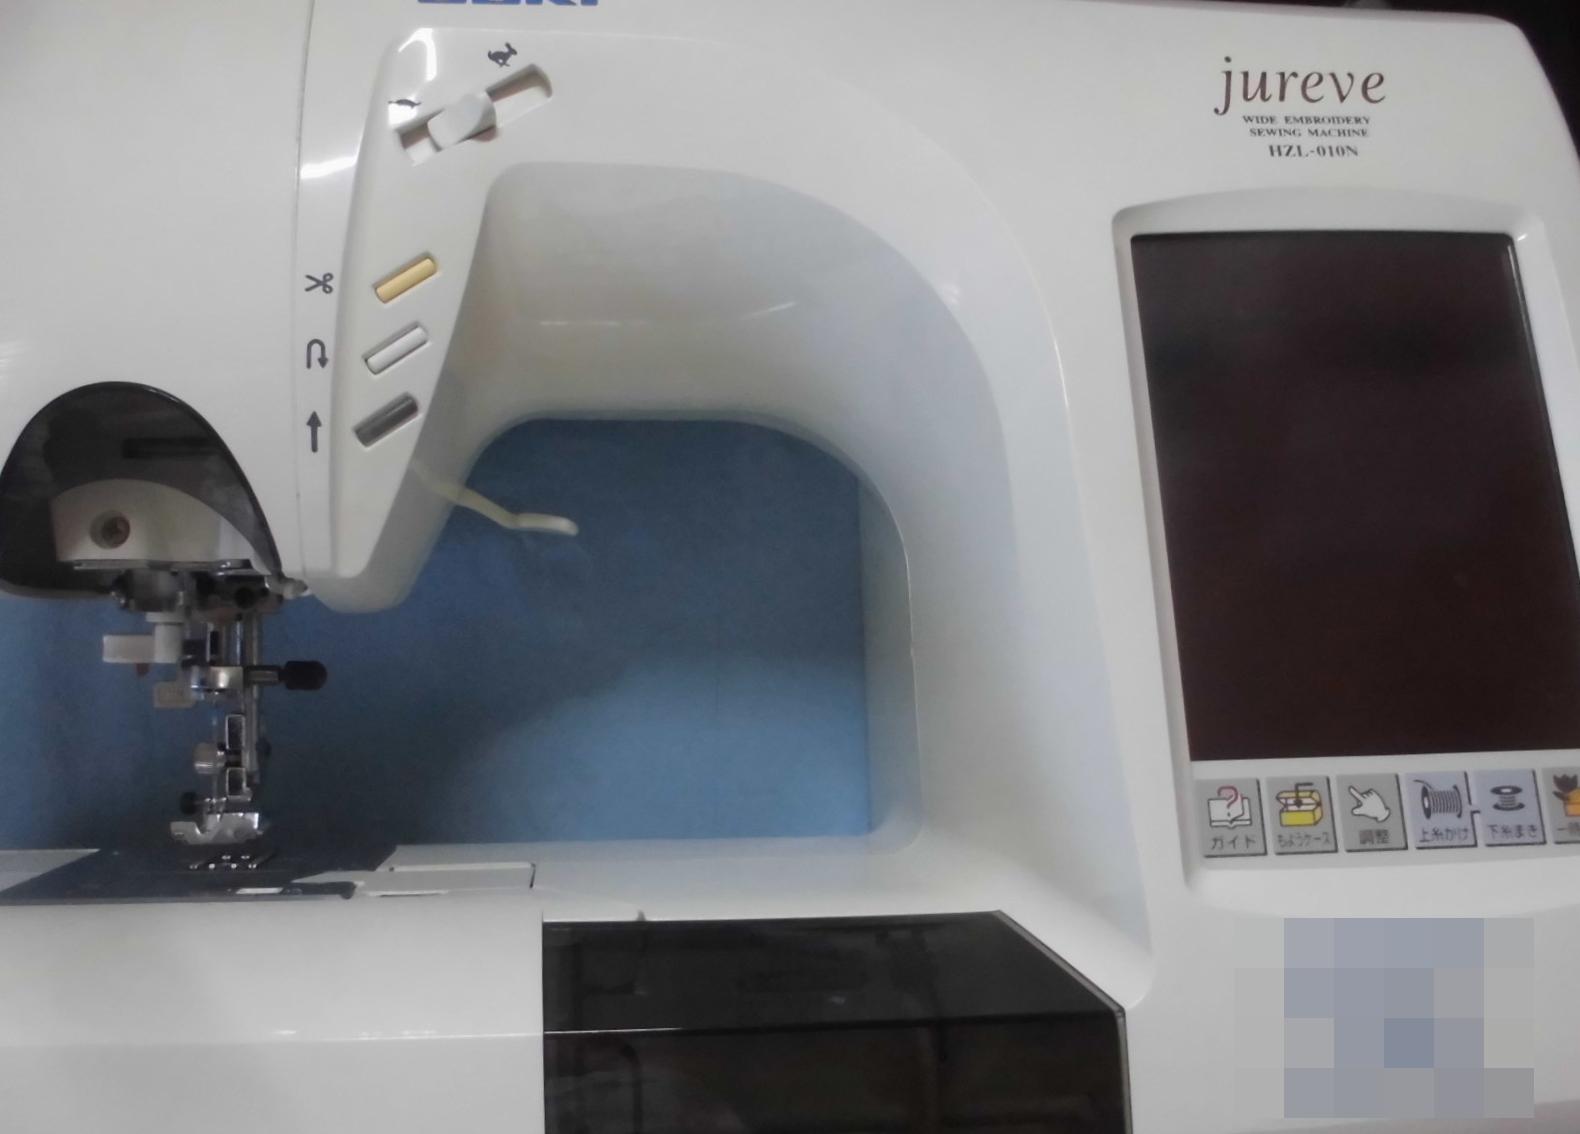 ジューキミシン修理|ジュレーブ HZL-010N|上糸かけ不良、固着、糸調子、部品の外れ